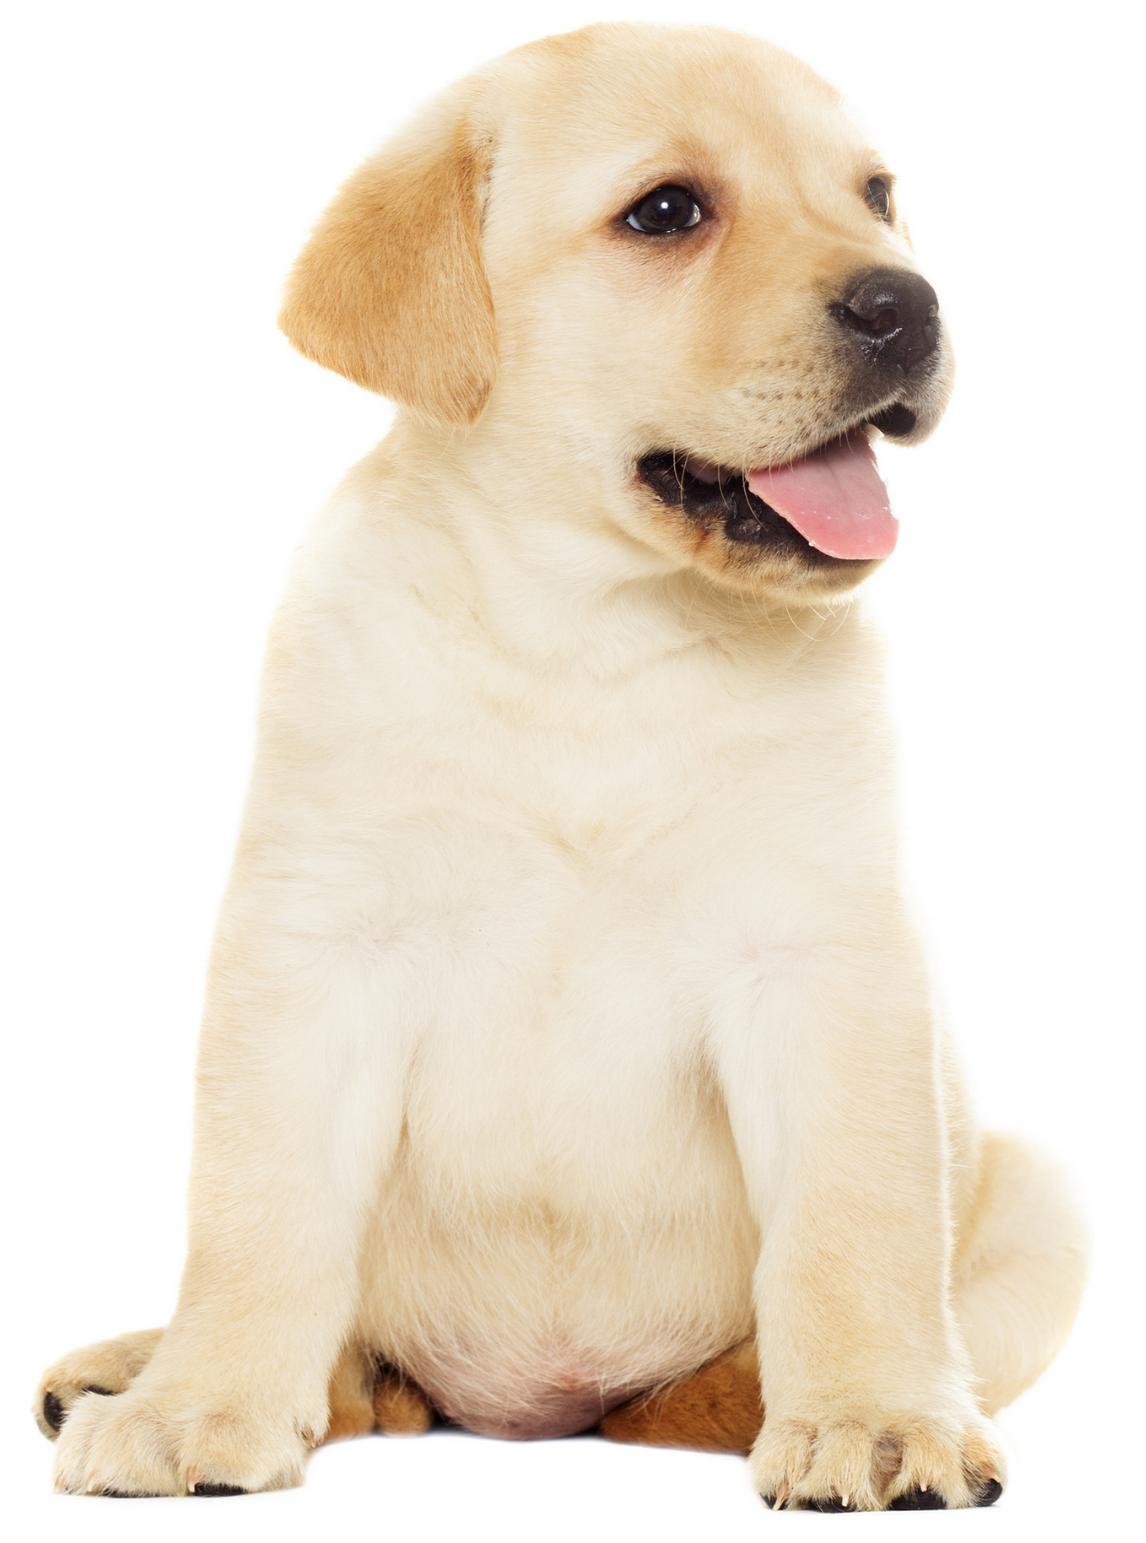 kremowy labrador w wieku szczenięcym